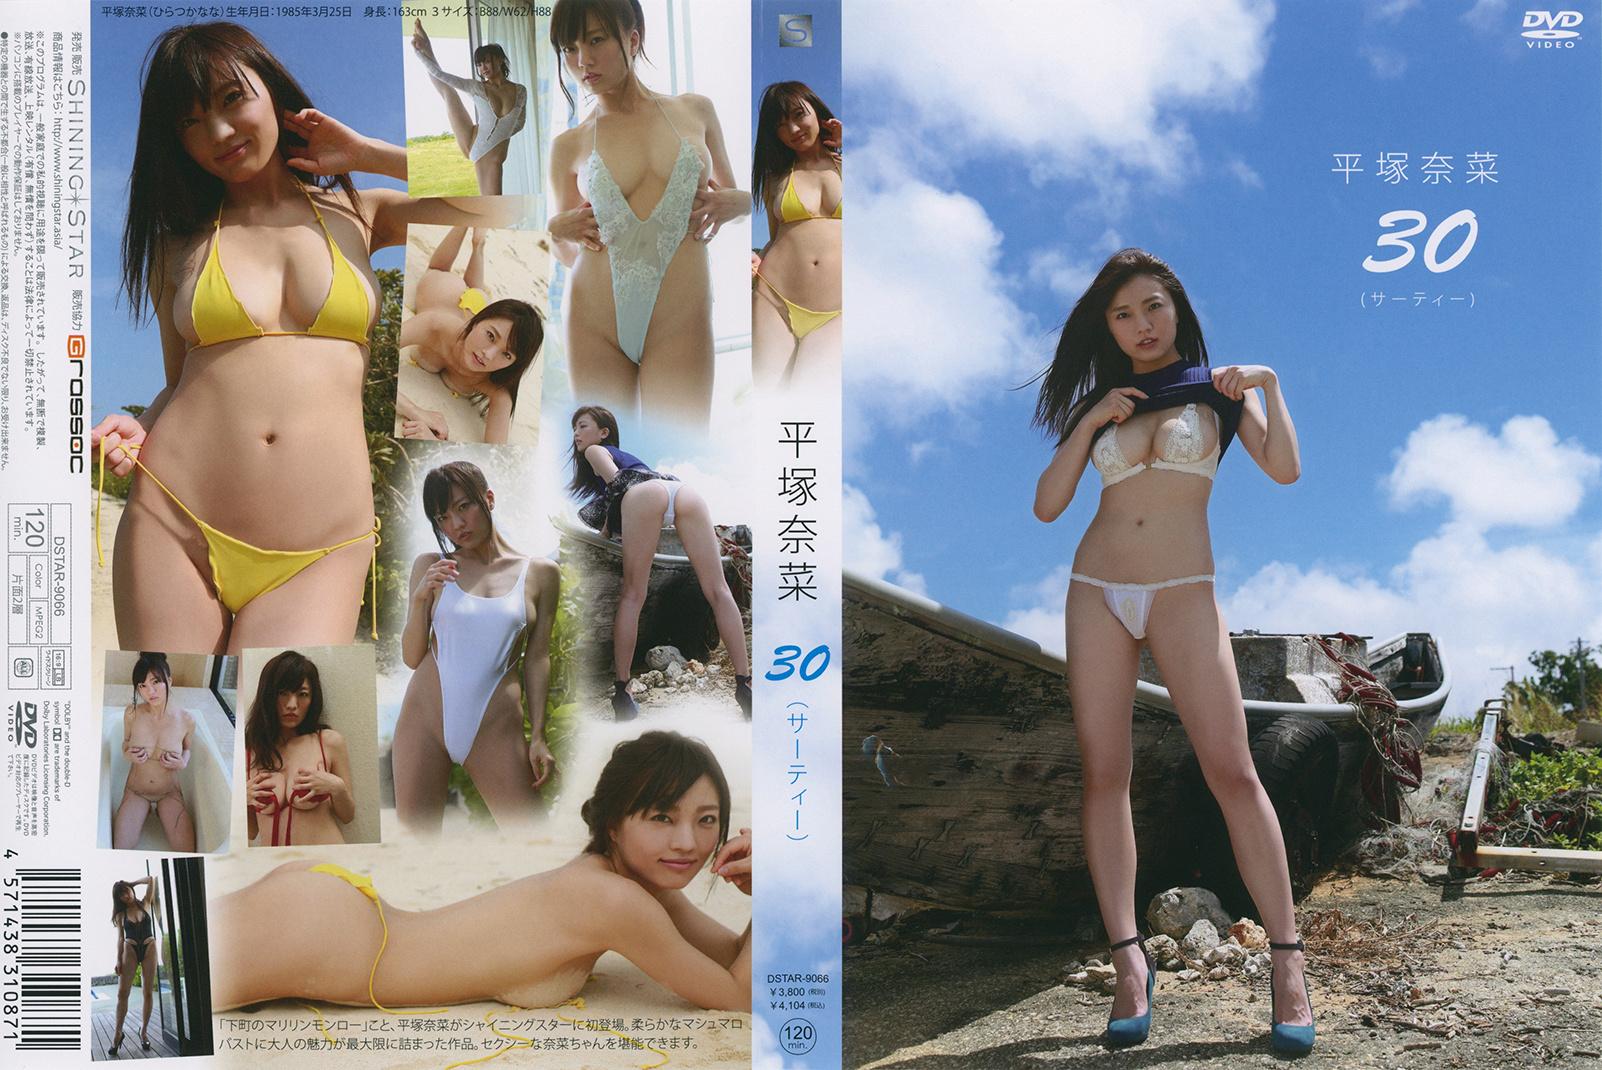 [DSTAR-9066] Nana Hiratsuka 平塚奈菜 – 30(サーティー)